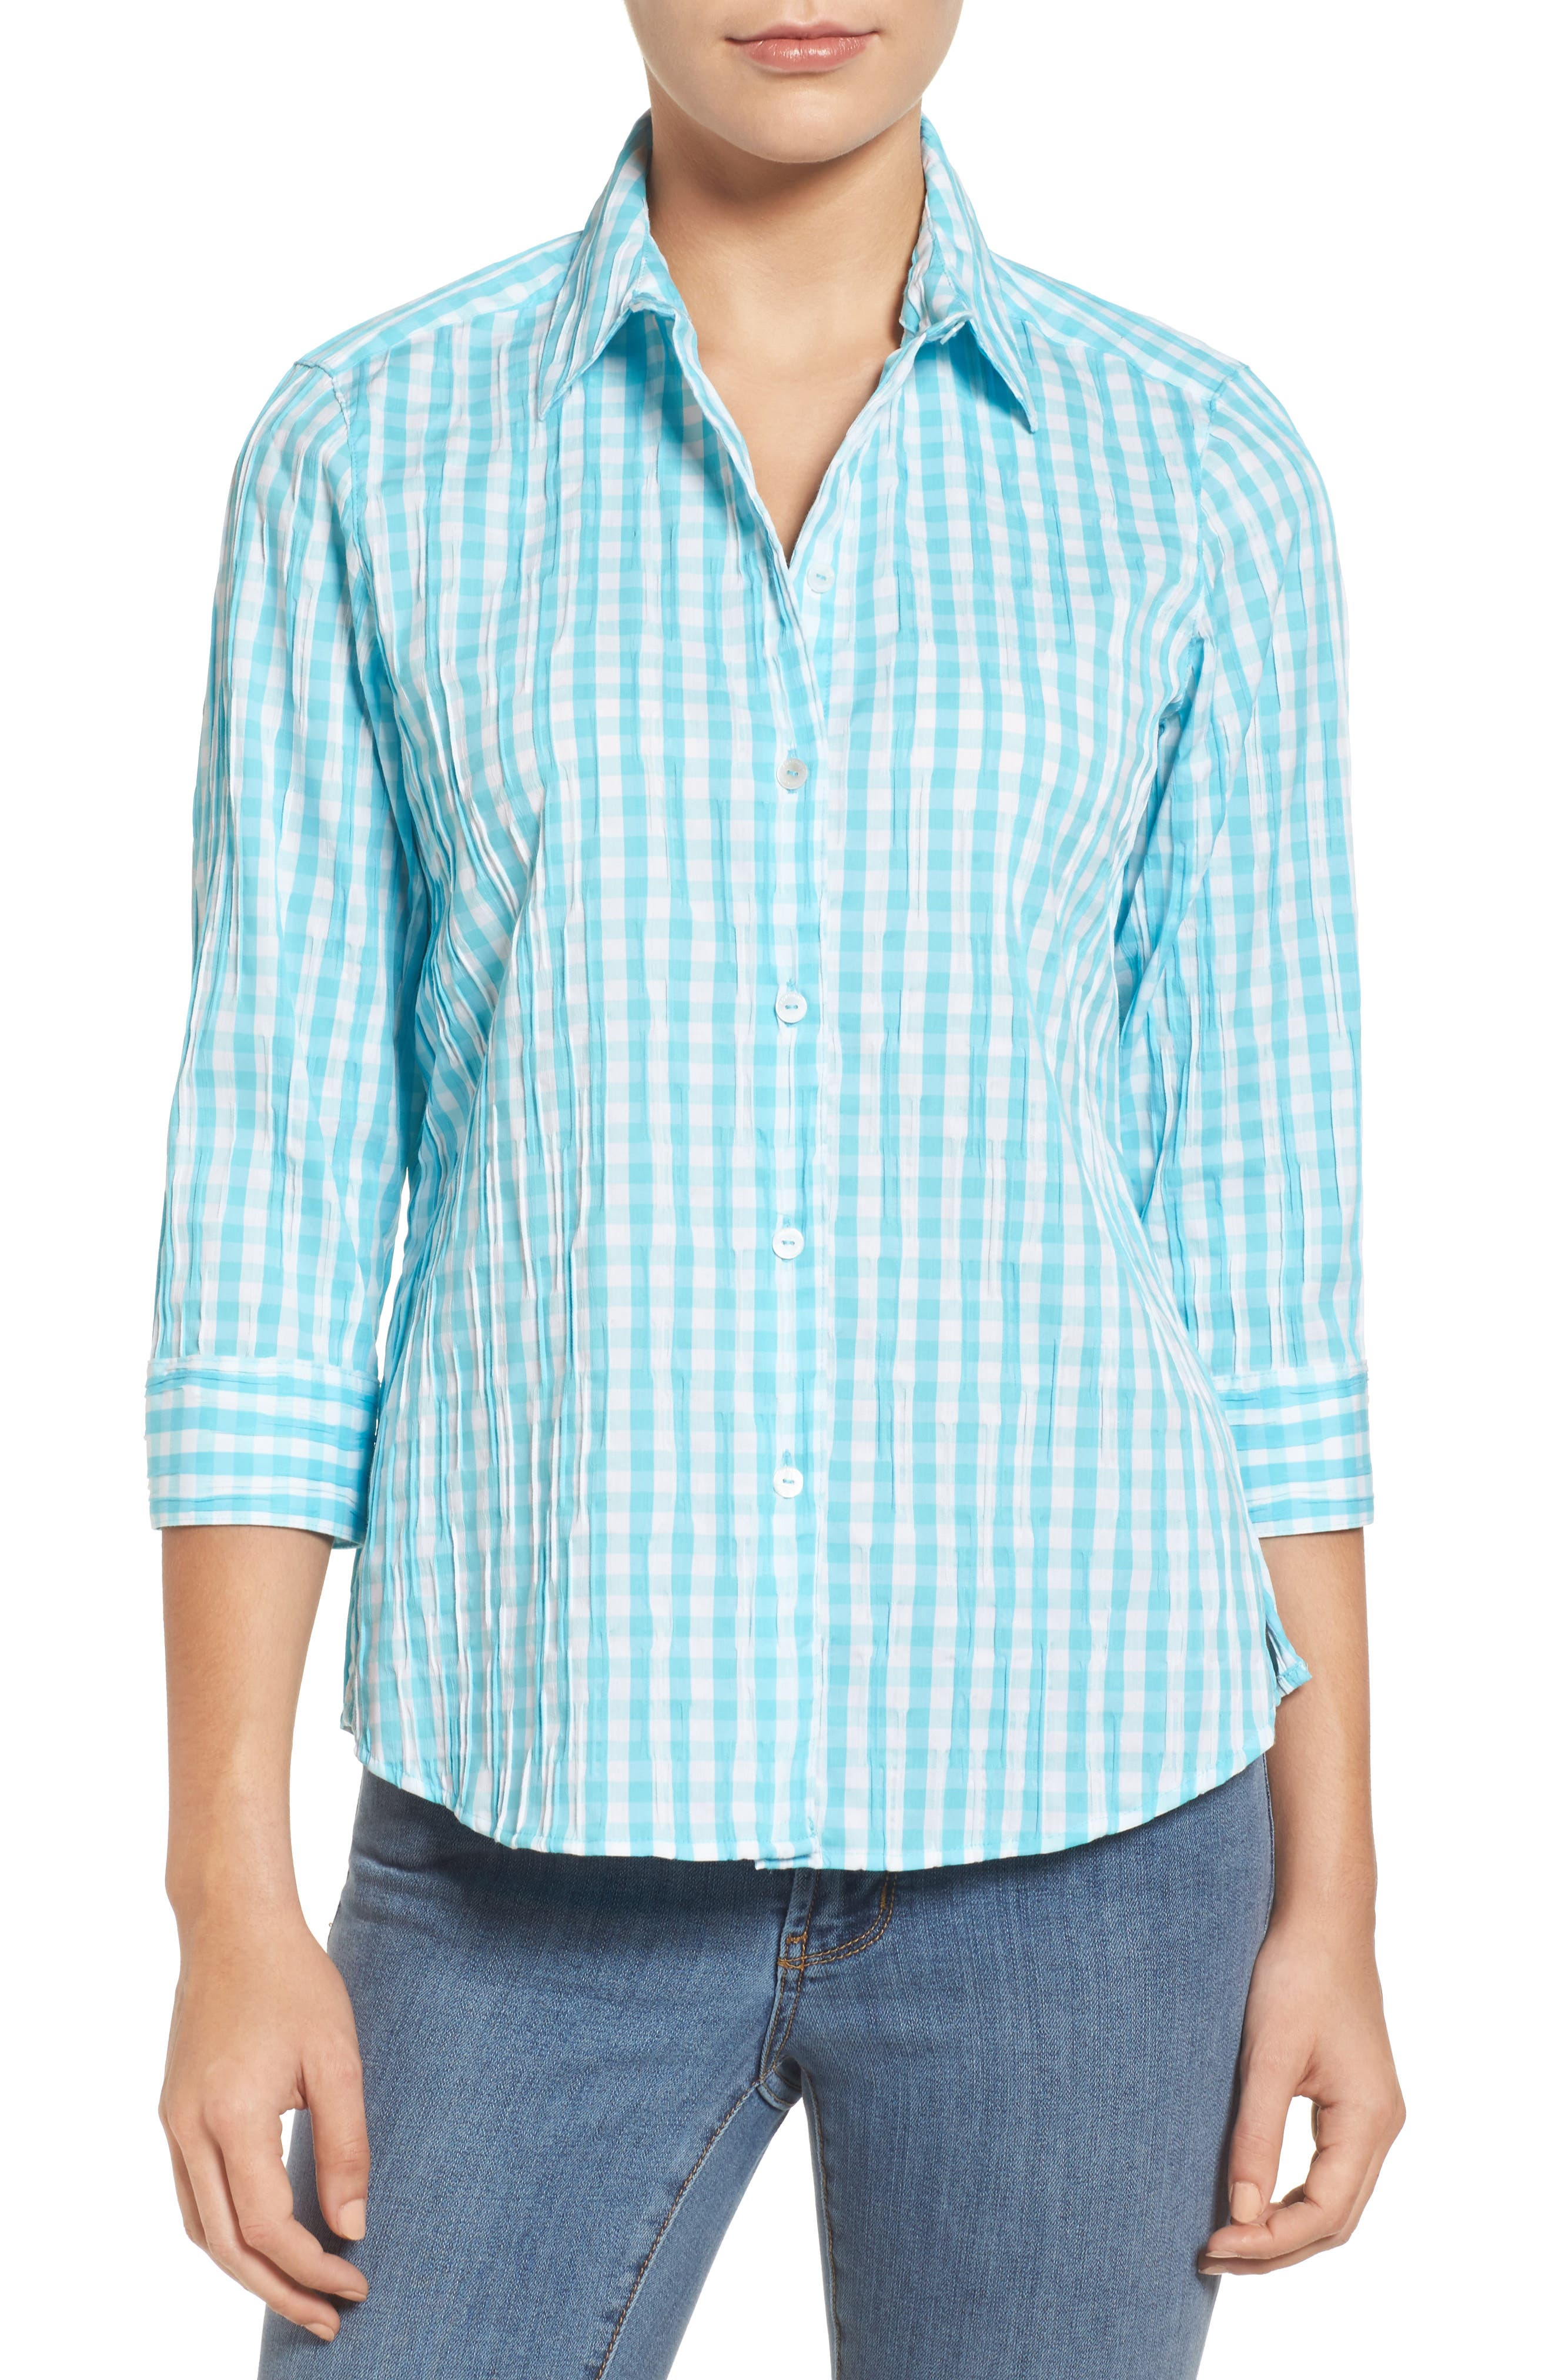 Alternate Image 1 Selected - Foxcroft Crinkled Gingham Shirt (Regular & Petite)